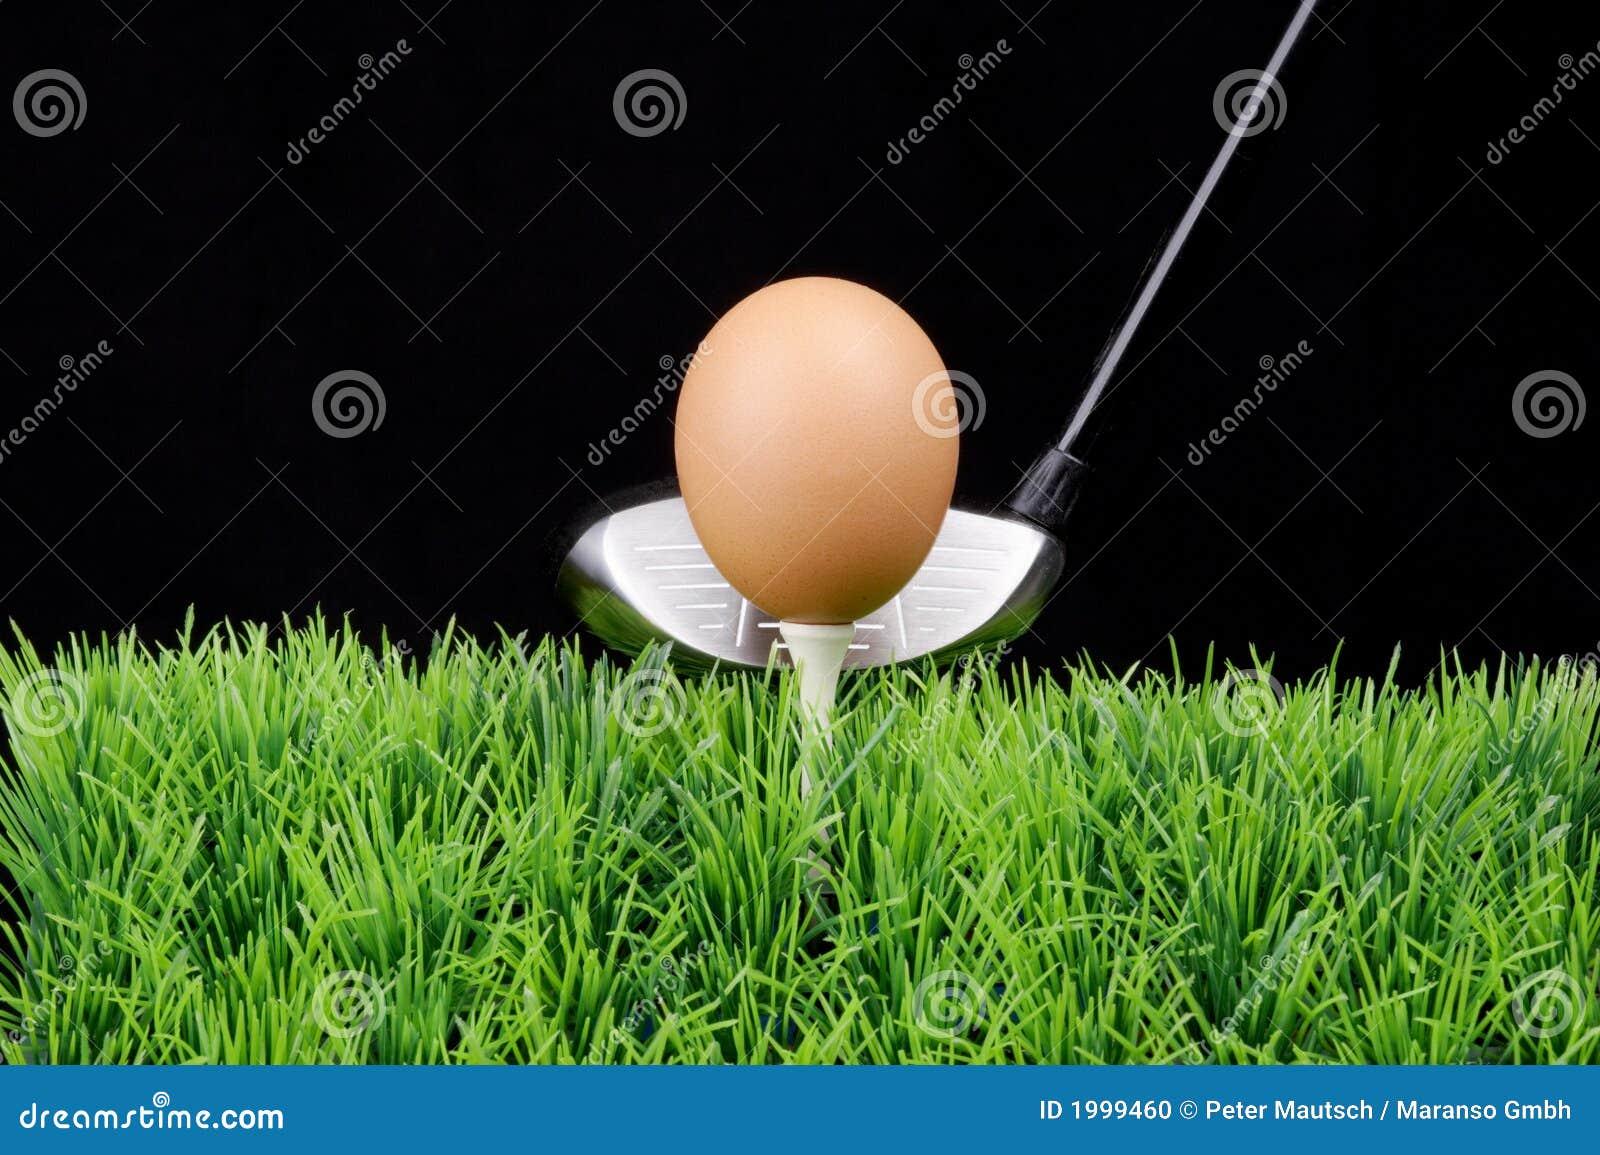 Oeuf de pâques sur le té de golf avec le gestionnaire de golf